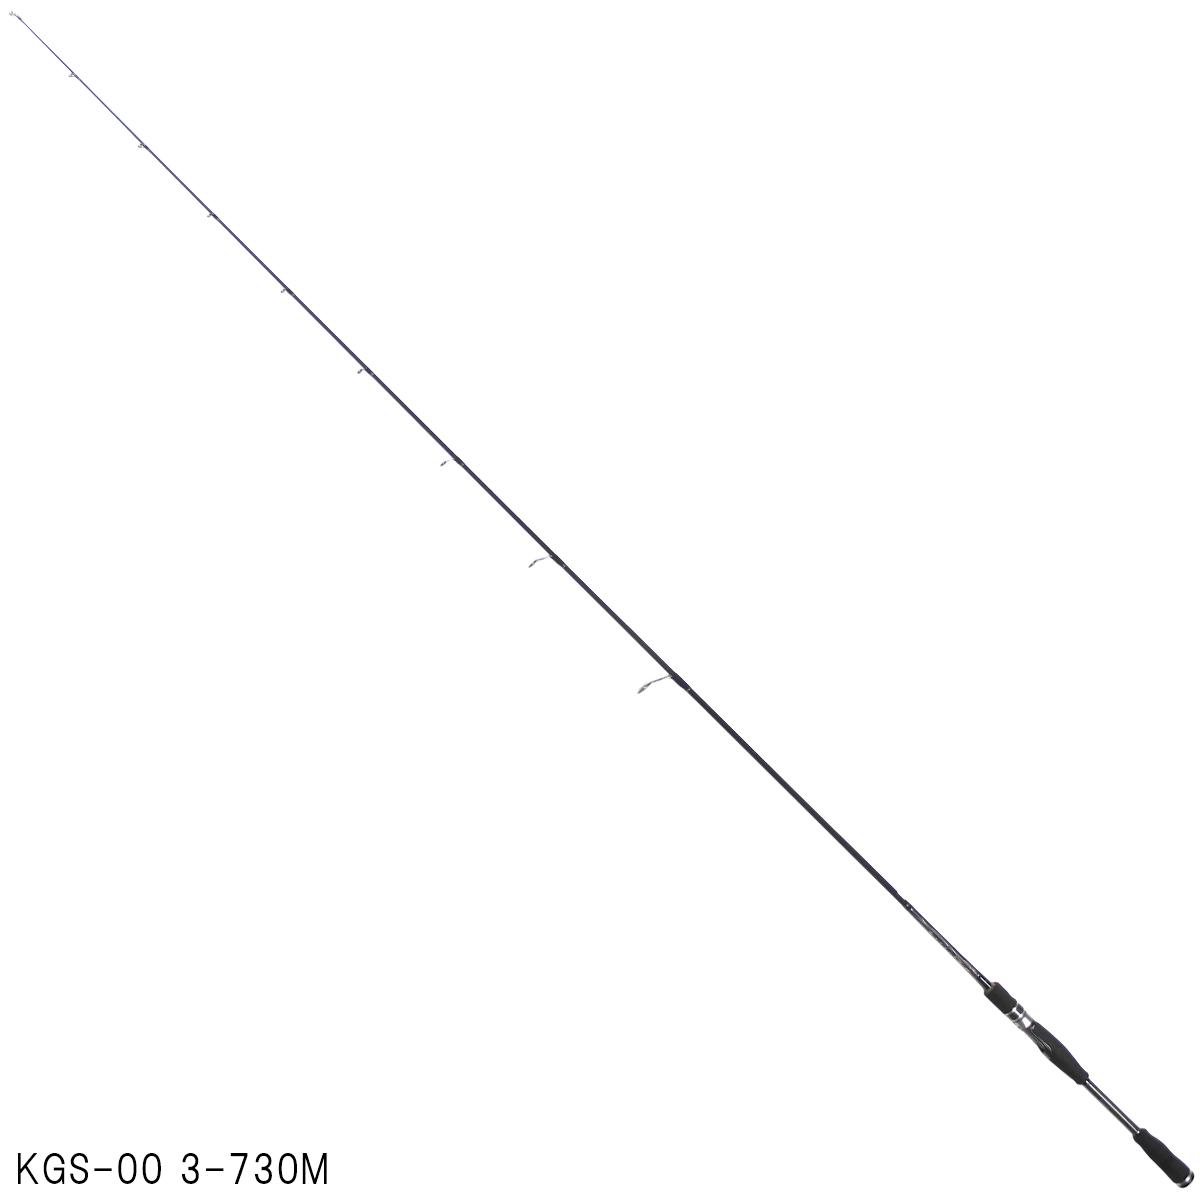 ガンクラフト Killers-00 トレイター KGS-00 3-730M【大型商品】(東日本店)